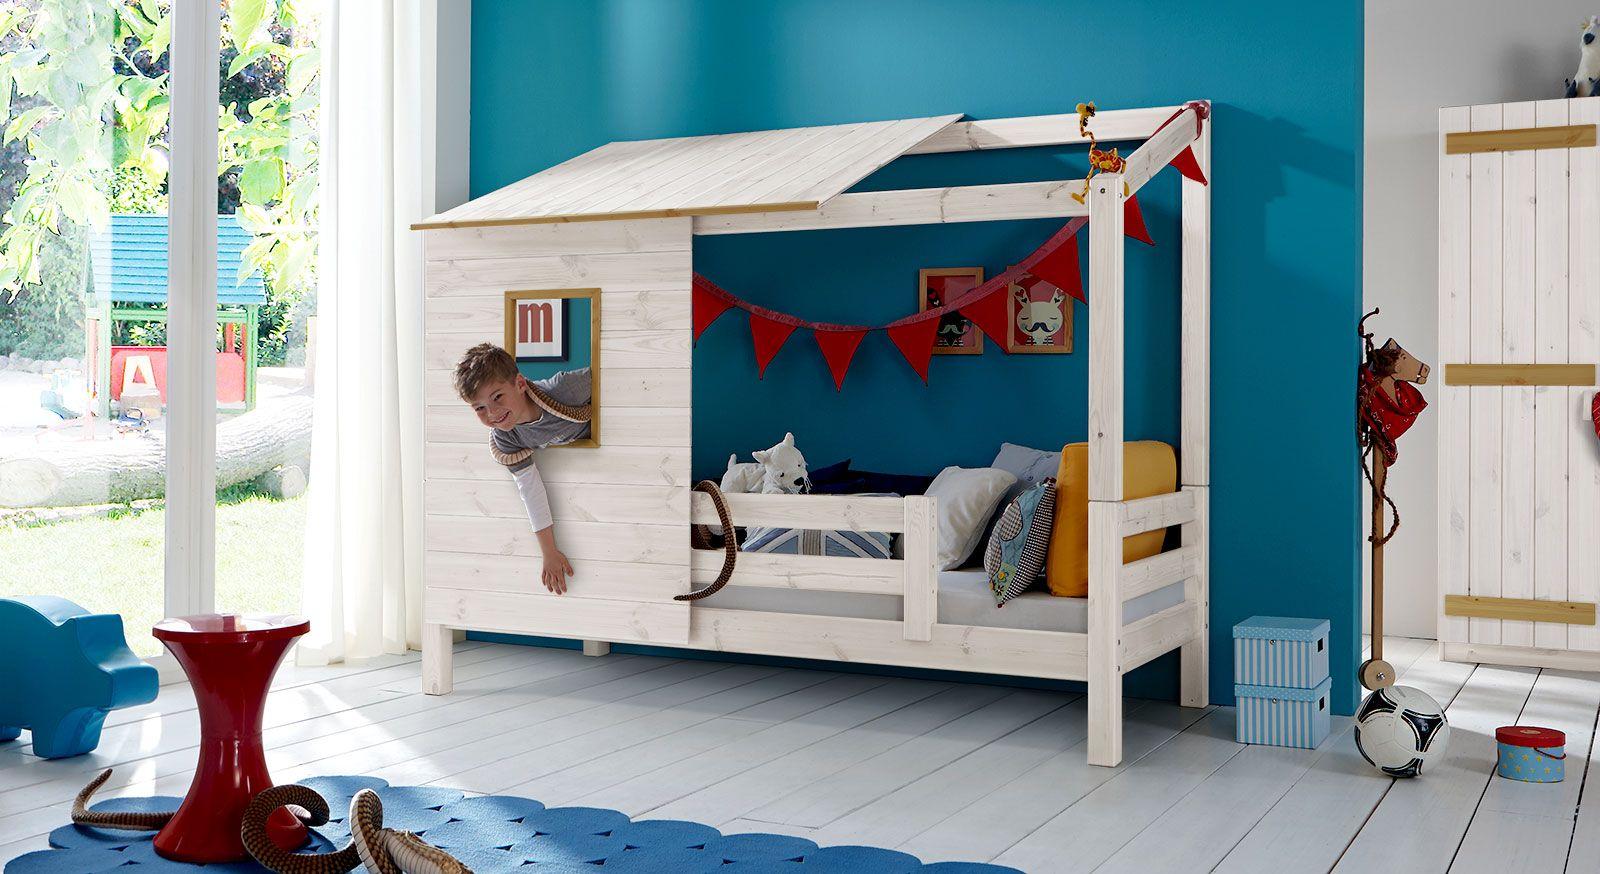 Haus Bett Etagenbett : Kinderzimmer die schönsten hausbetten für kinder